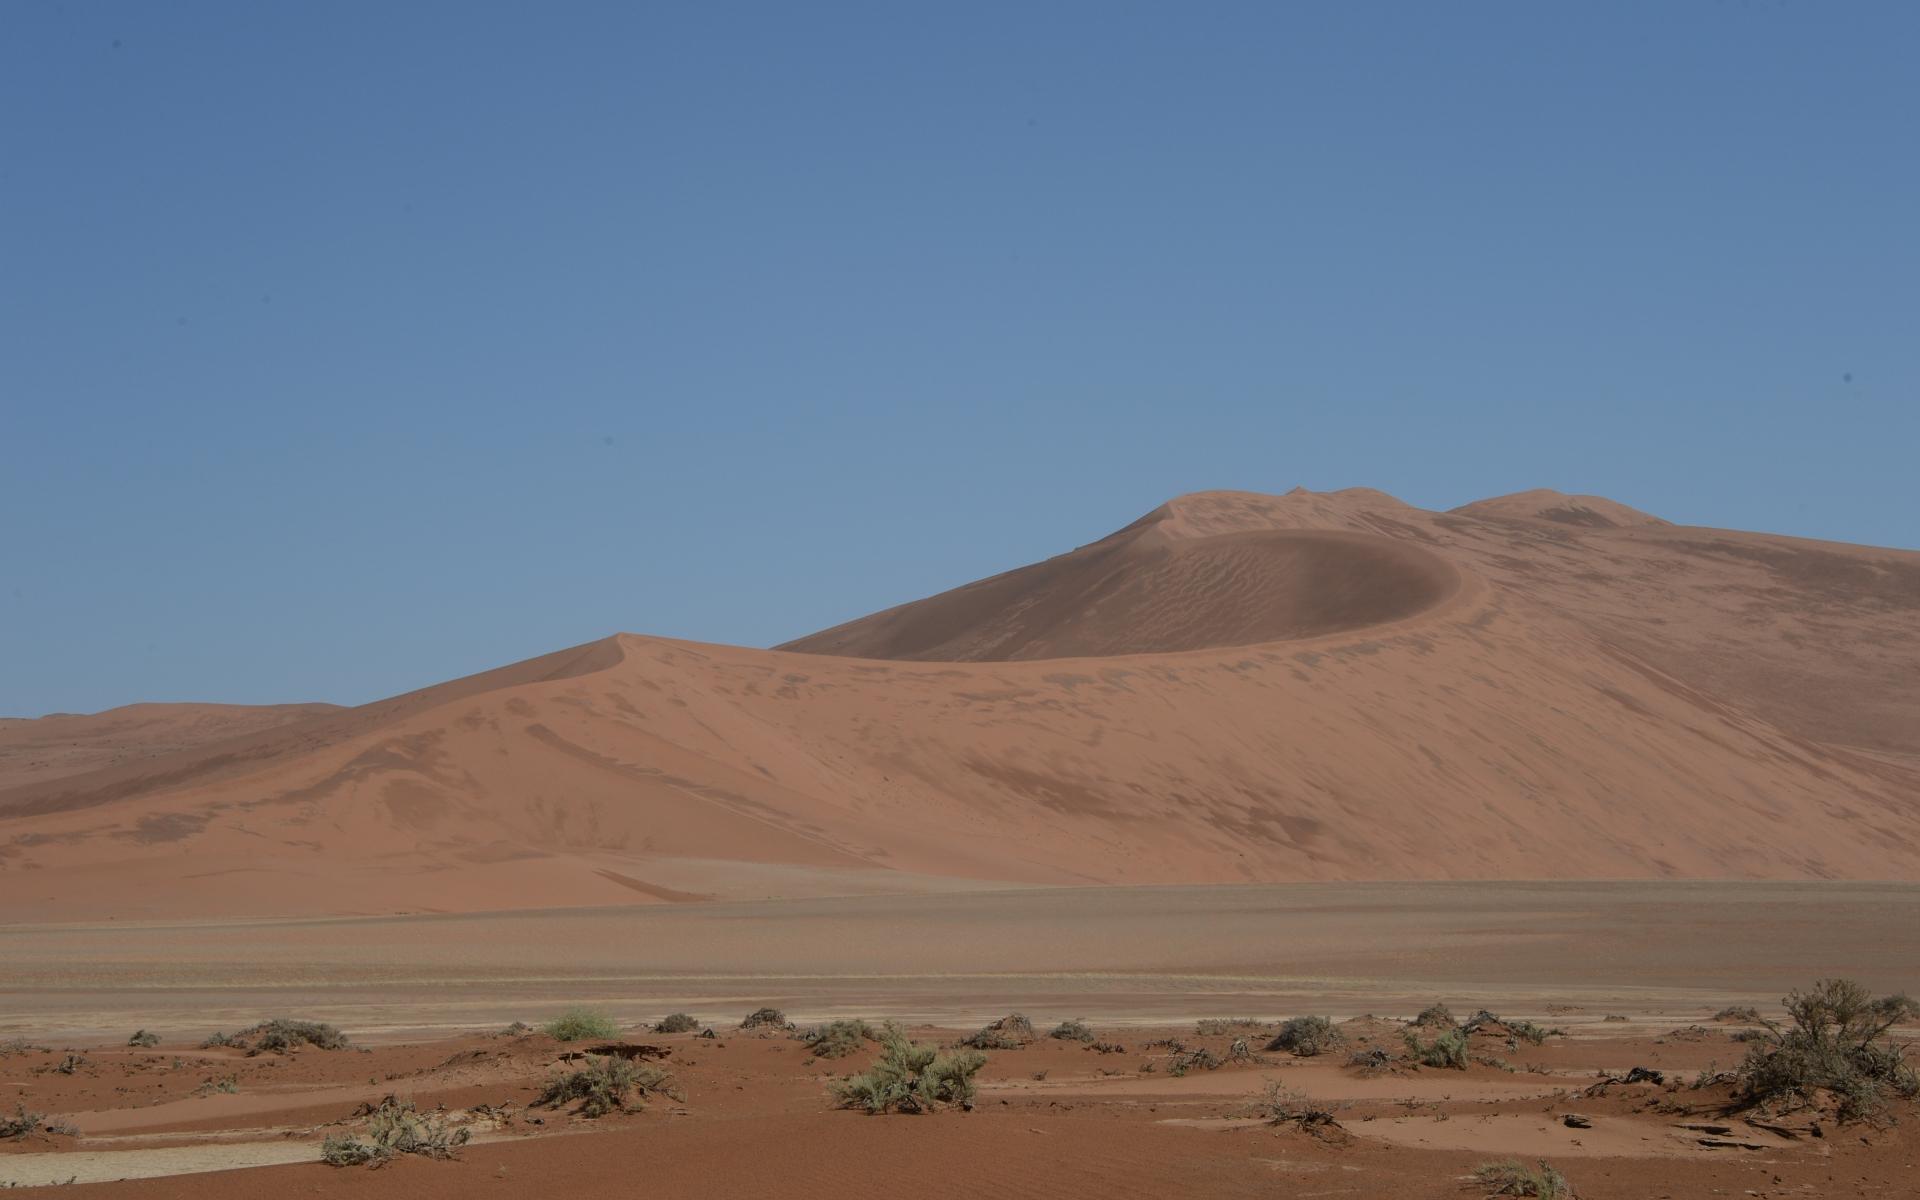 Namibia_Sossusvlei_Deadvlei_12